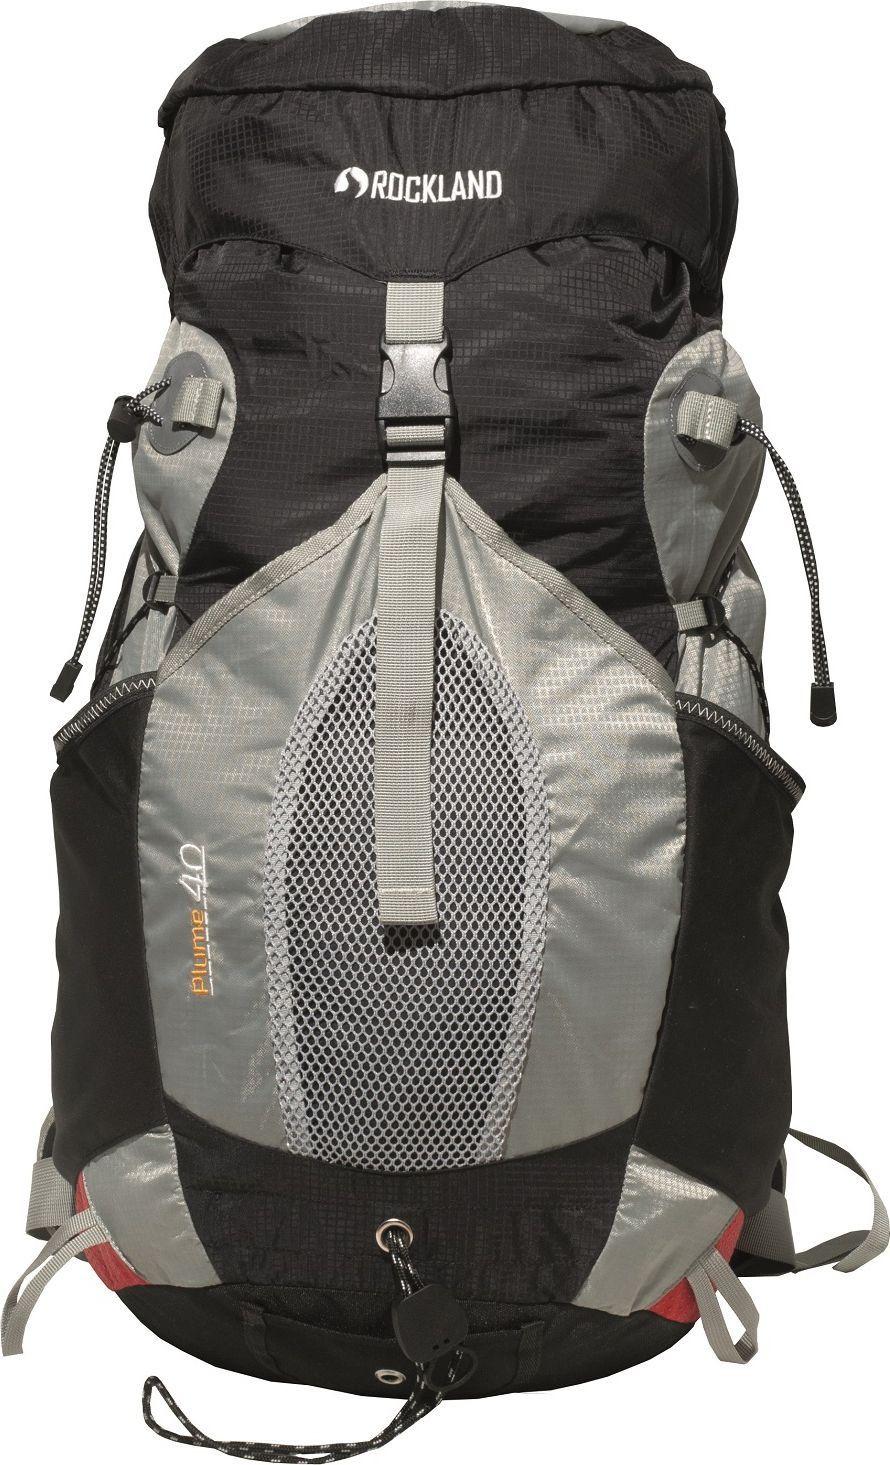 Rockland Plecak Plume 40 czarno-szary (172)